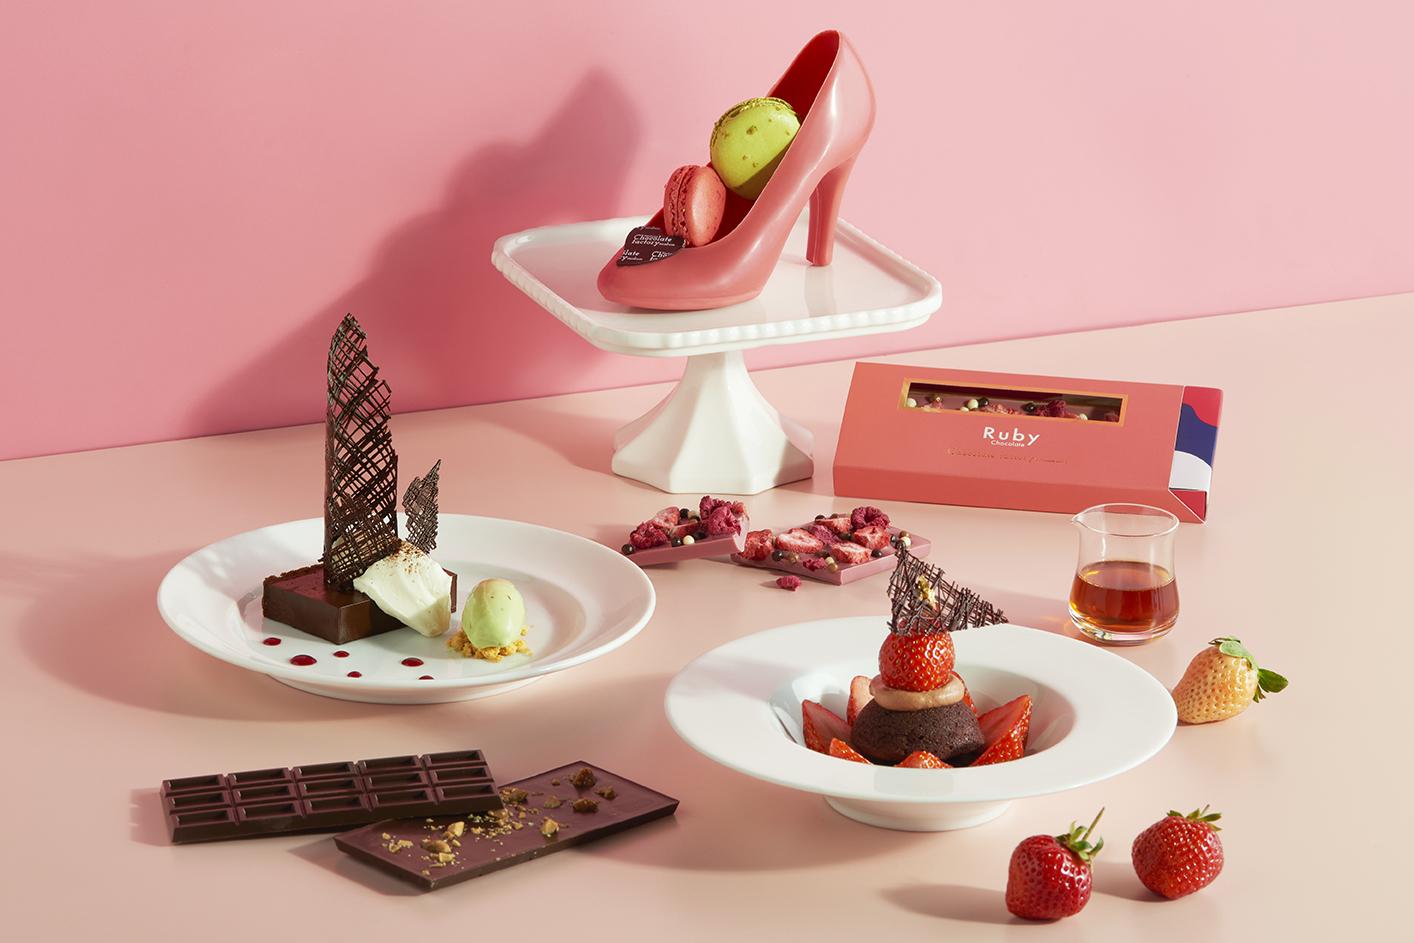 新作「ハイヒールチョコレート」や「ルビーチョコレート・ストロベリー」が登場!横浜チョコレートファクト... 画像